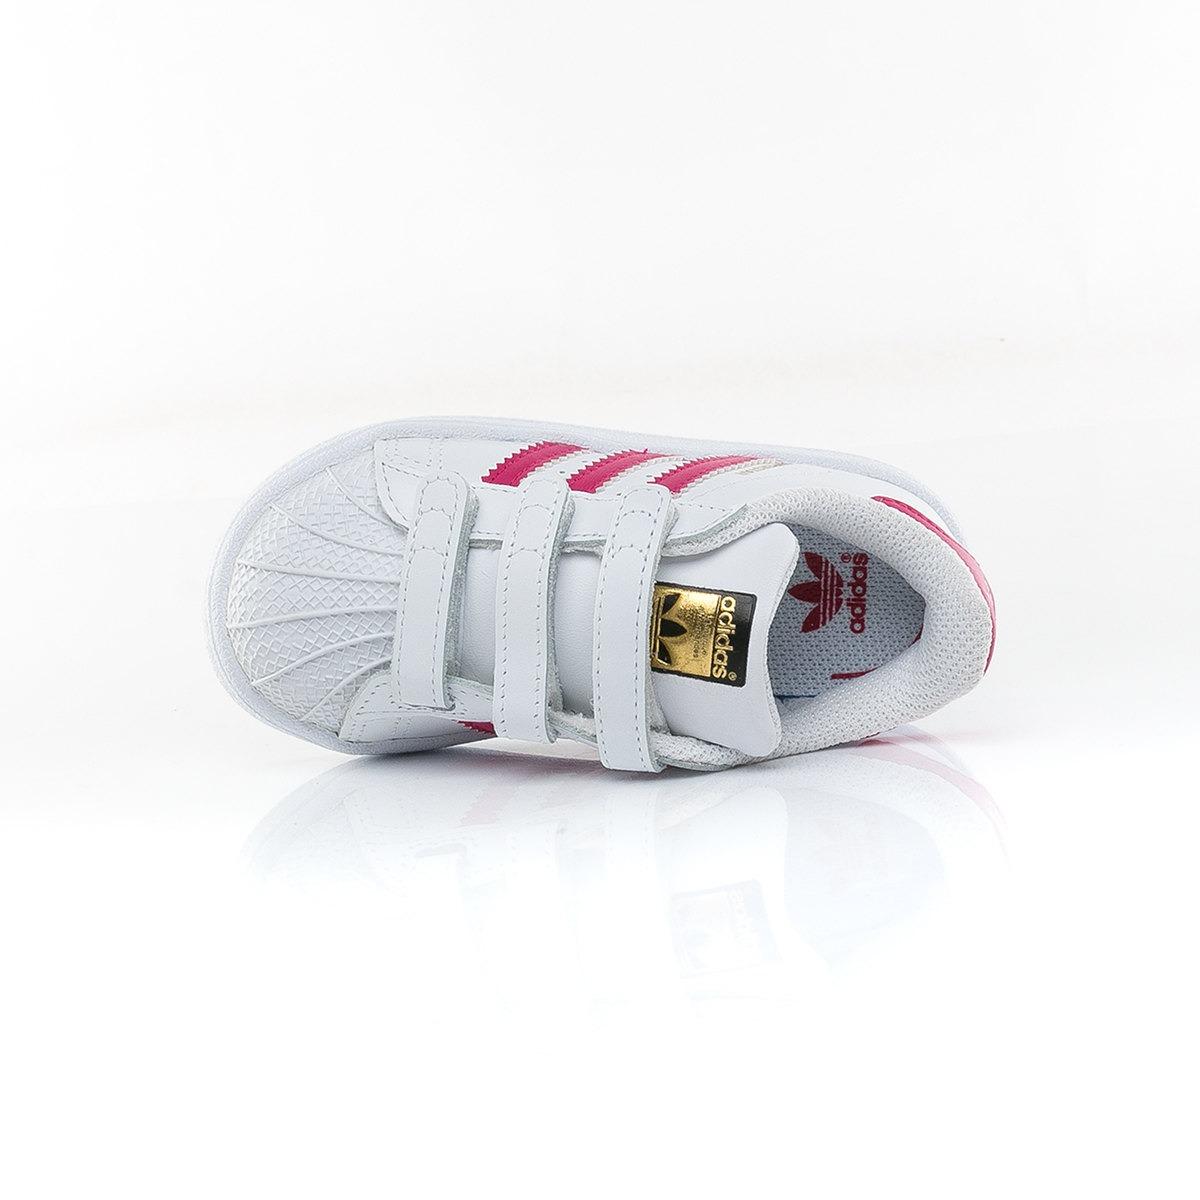 Zapatillas Superstar Cf adidas Blast Tienda Oficial